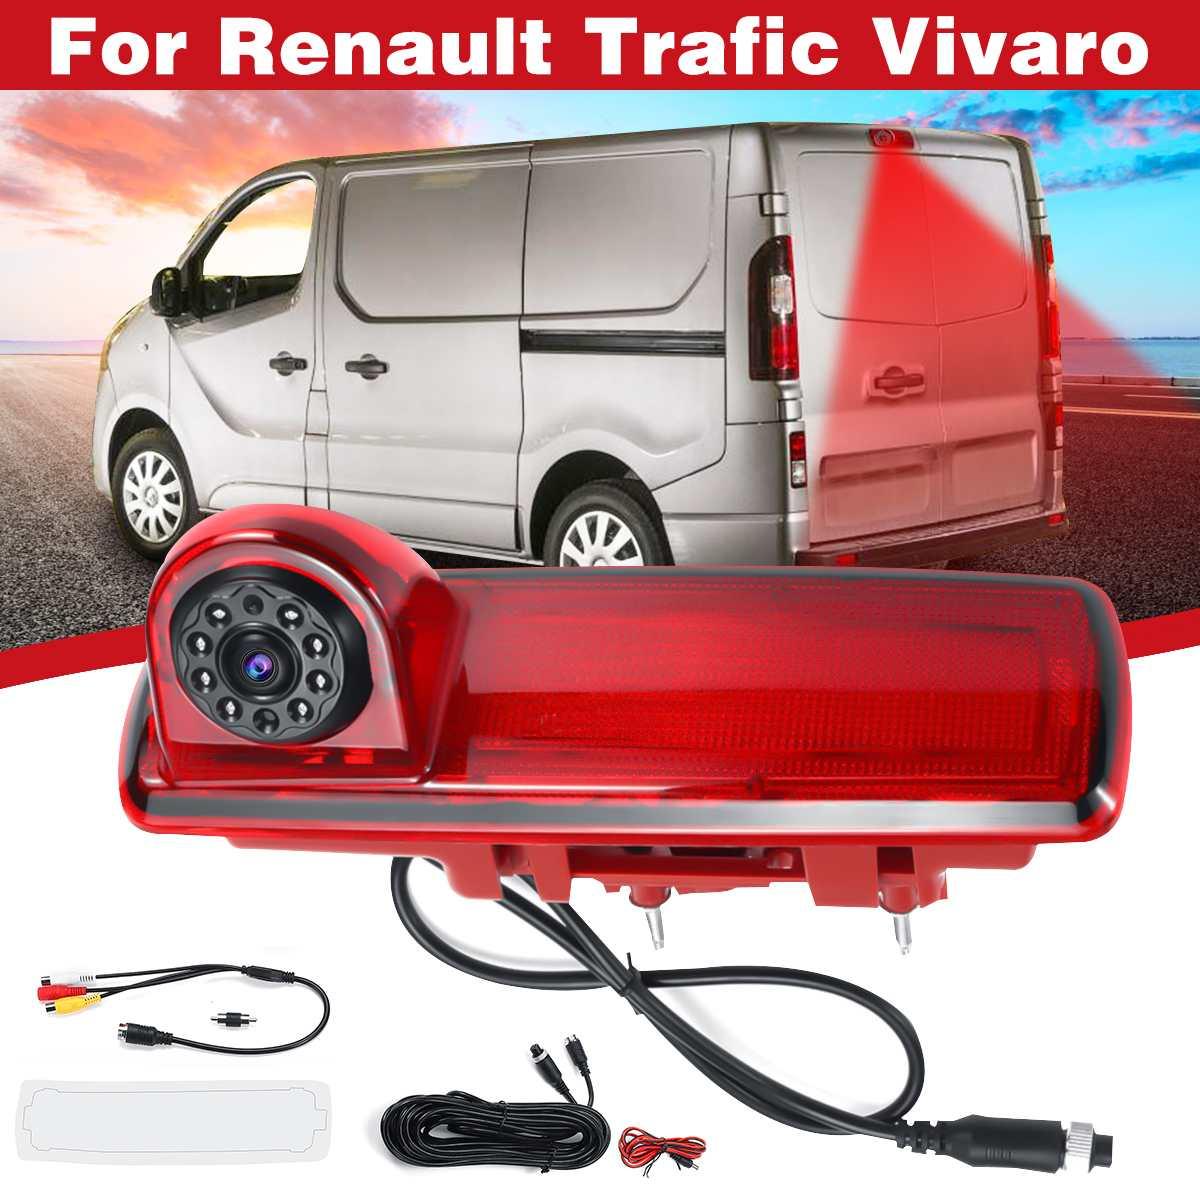 Reversing Backup Brake Light Camera Waterproof For Renault Traffic Vivaro CustomReversing Backup Brake Light Camera Waterproof For Renault Traffic Vivaro Custom